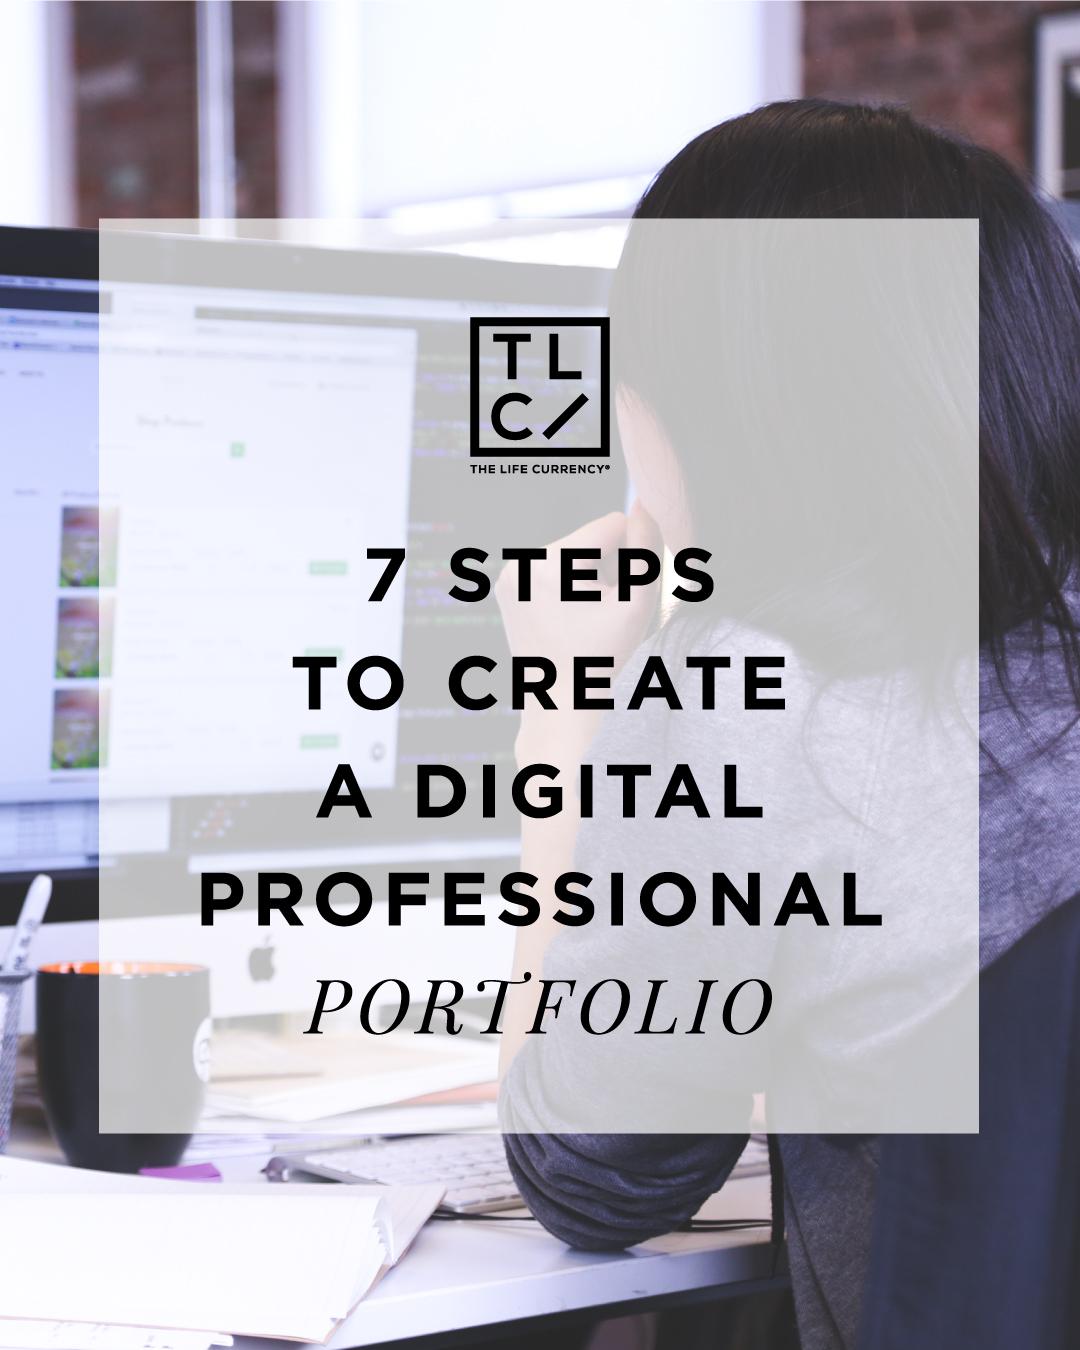 7 Steps to Create a Digital Professional Portfolio